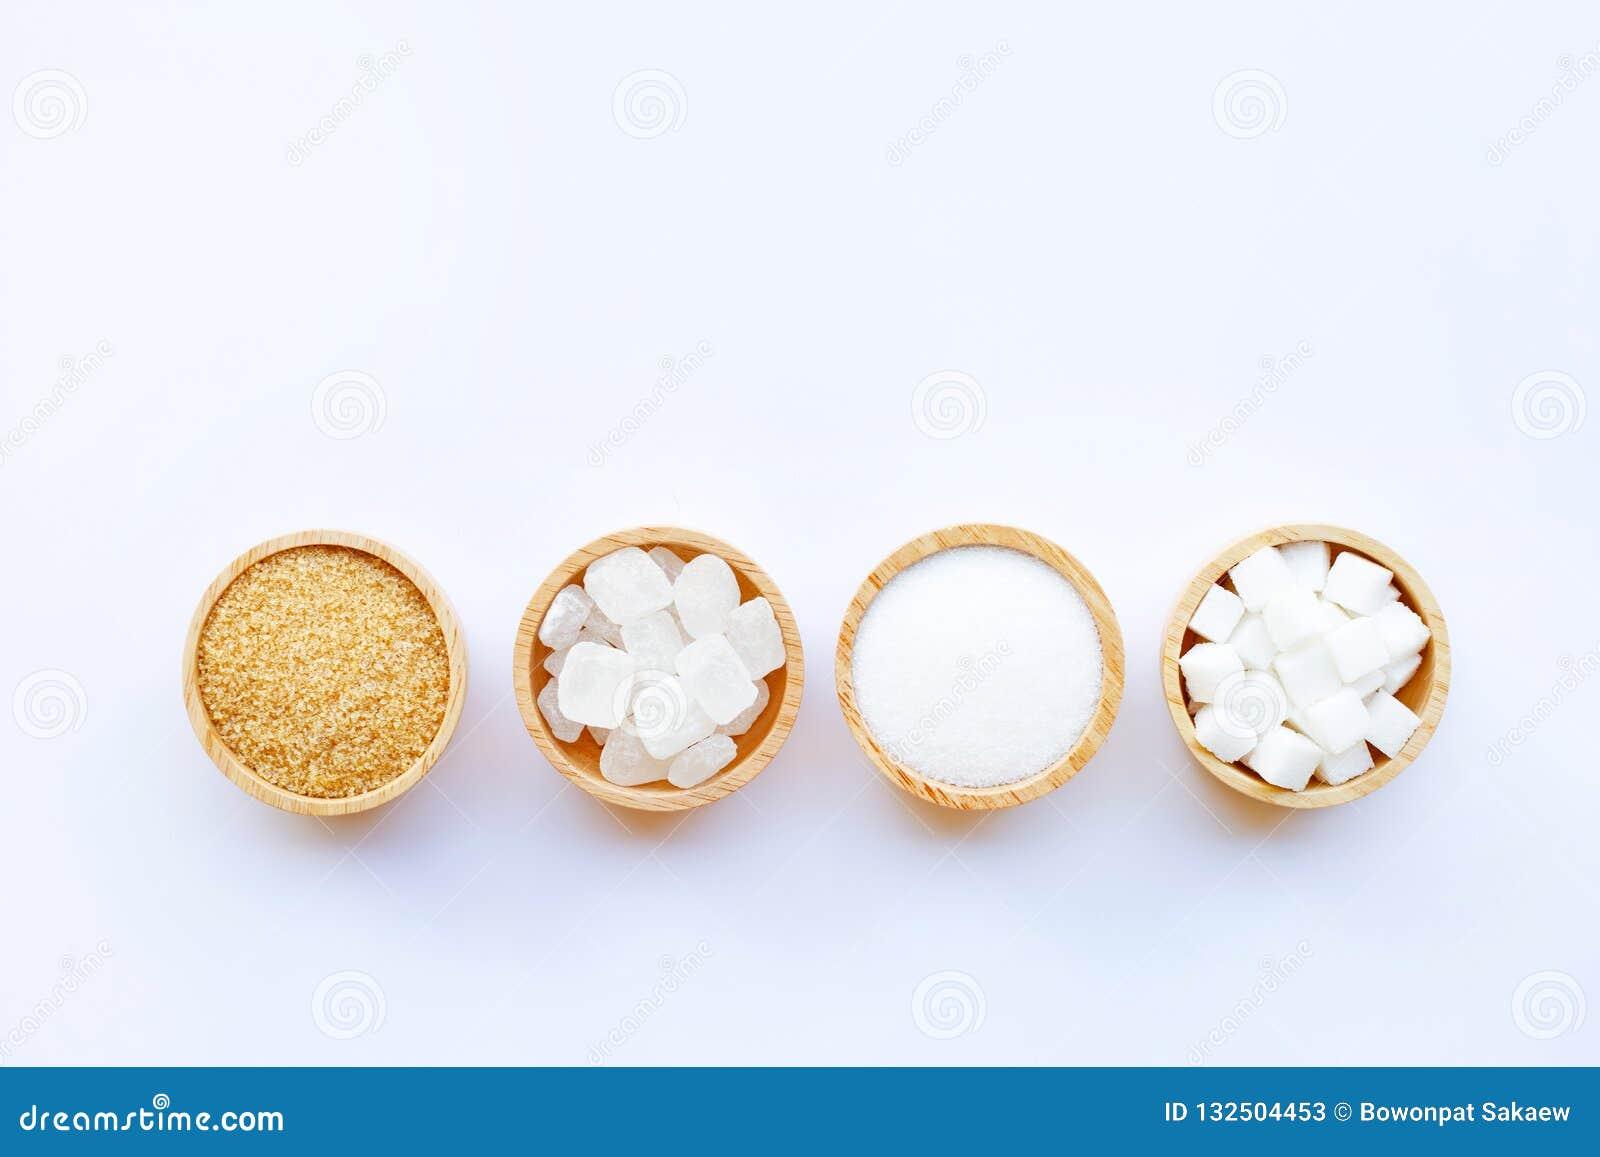 Διάφοροι τύποι ζαχαρών στο λευκό